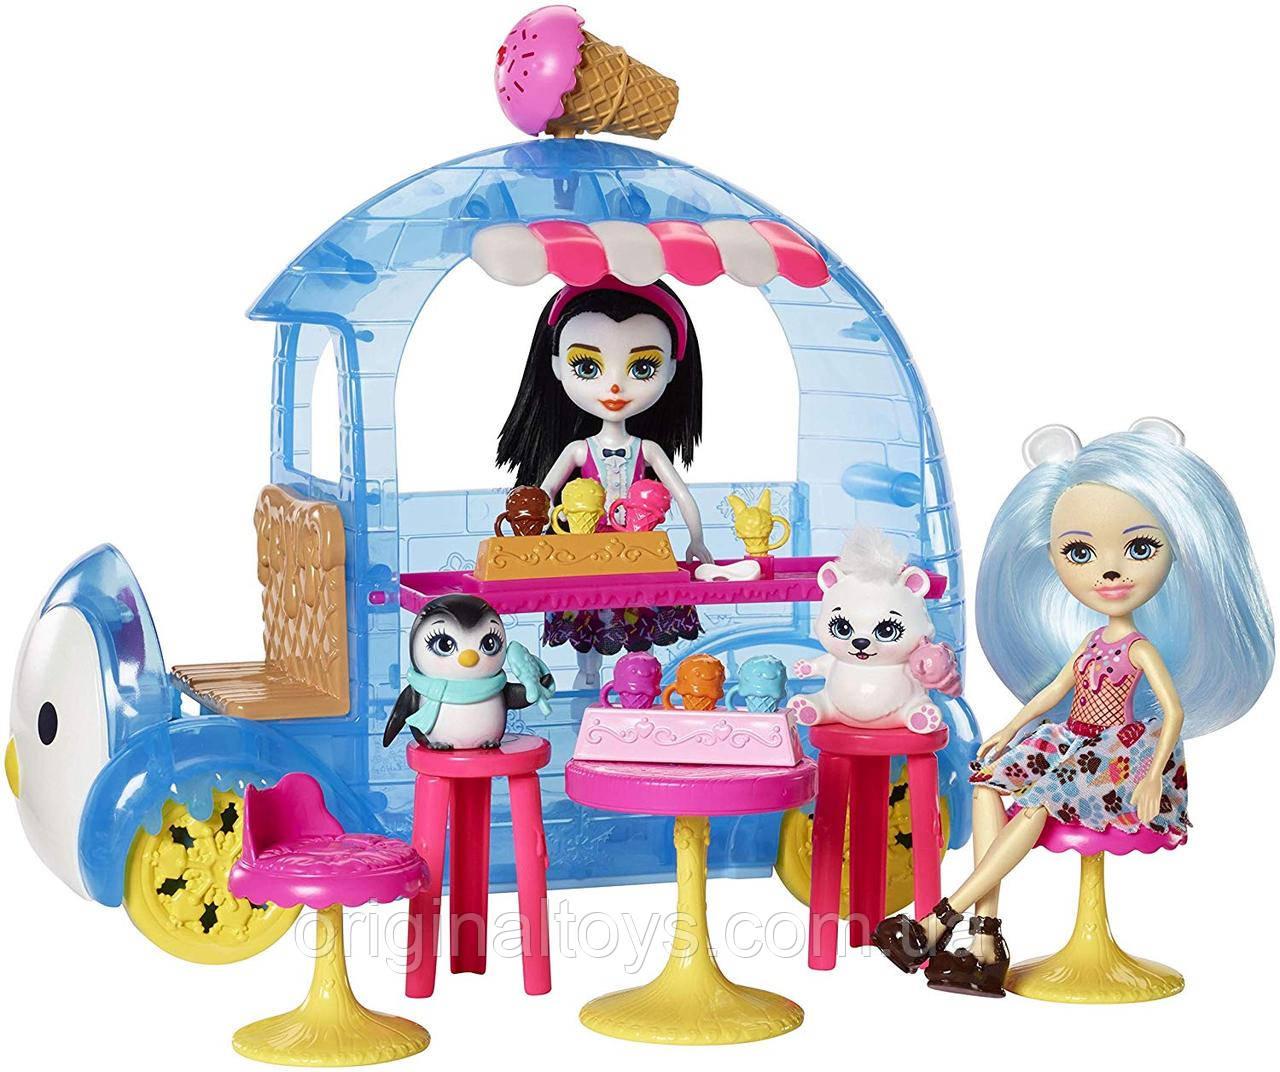 Набір Лялька Enchantimals Пріна Пінгвін і Білий ведмедик Фургон з холодними ласощами FRT96